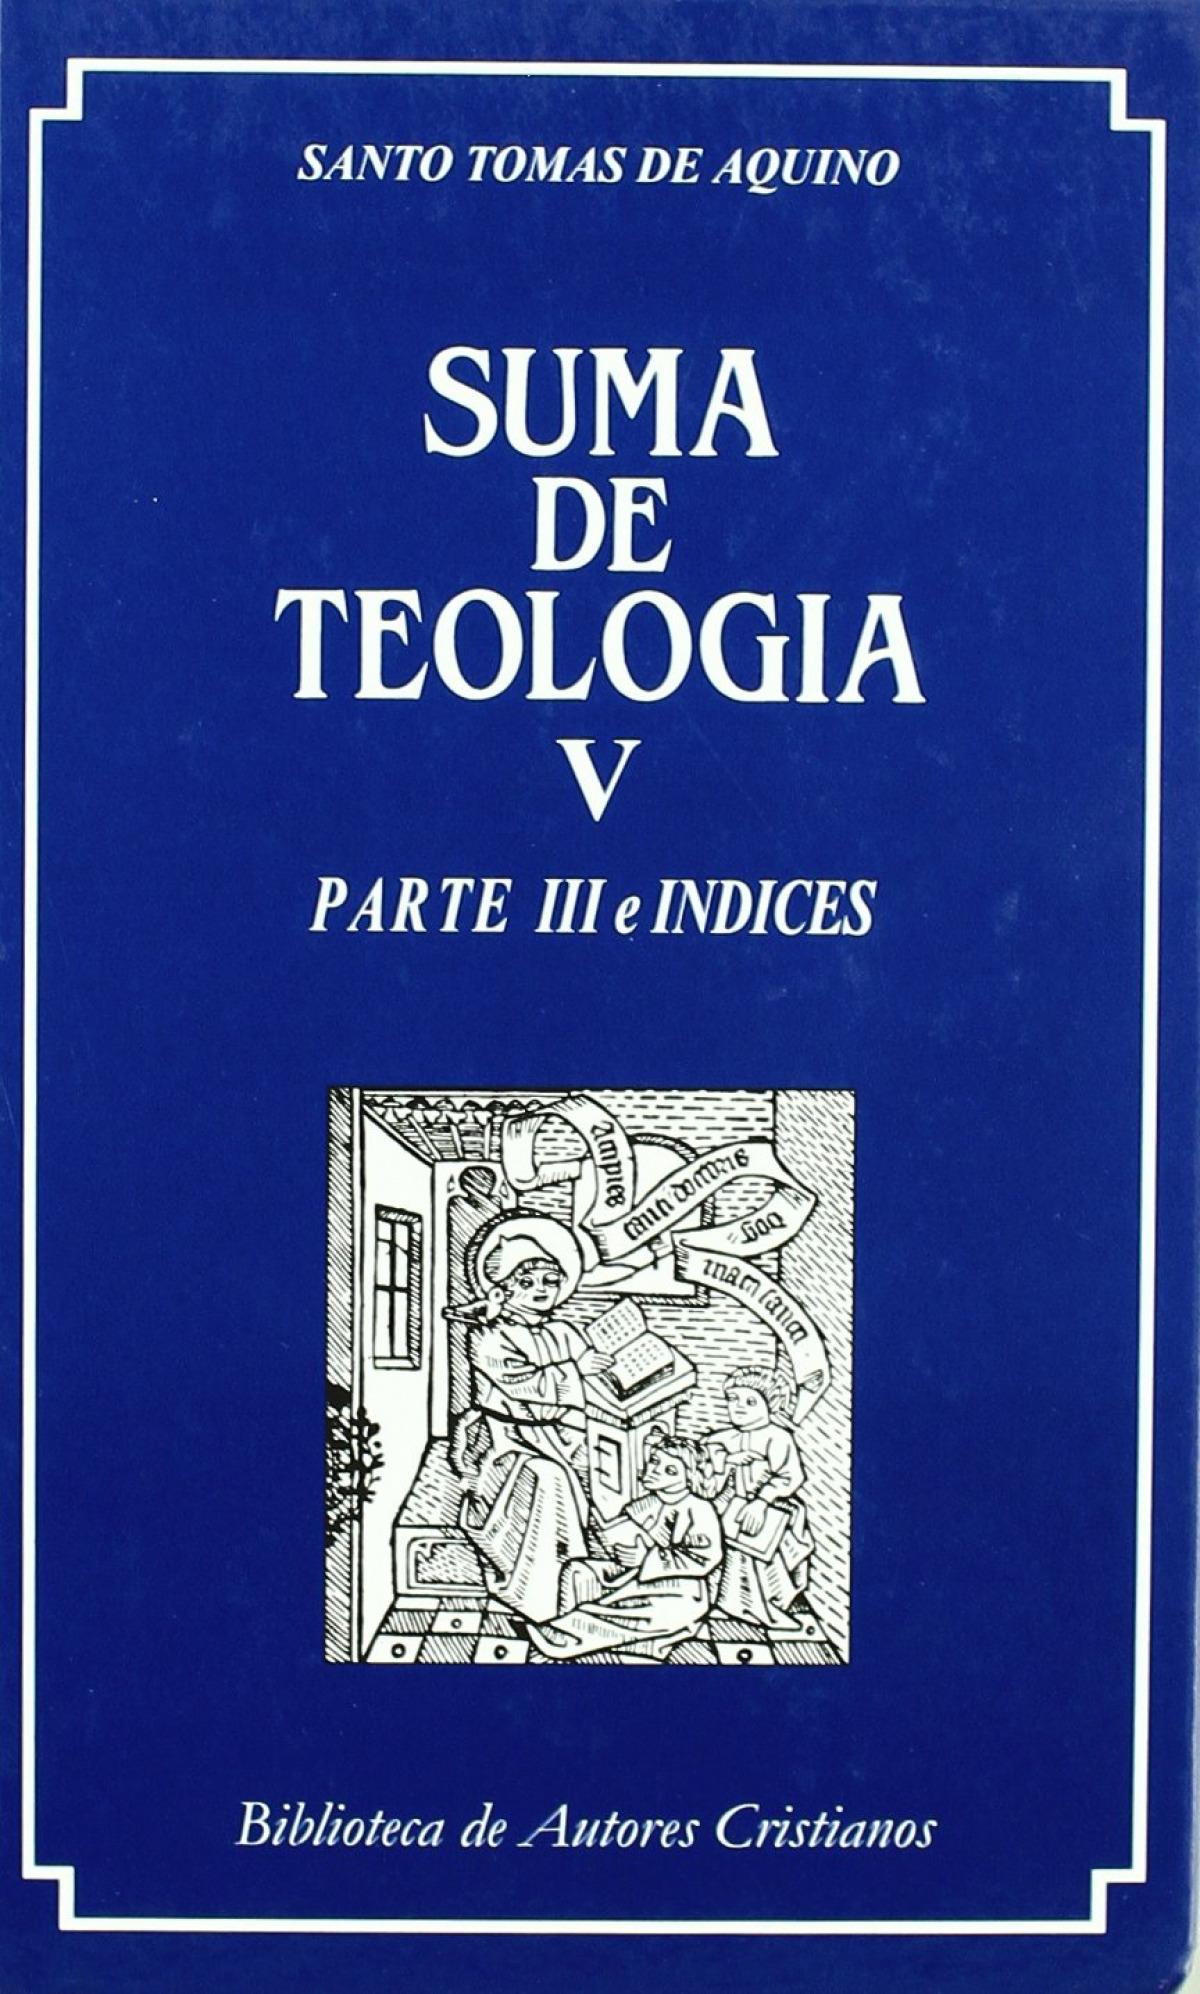 Suma de Teología V Parte III e Indices - Santo Tomas De Aquino